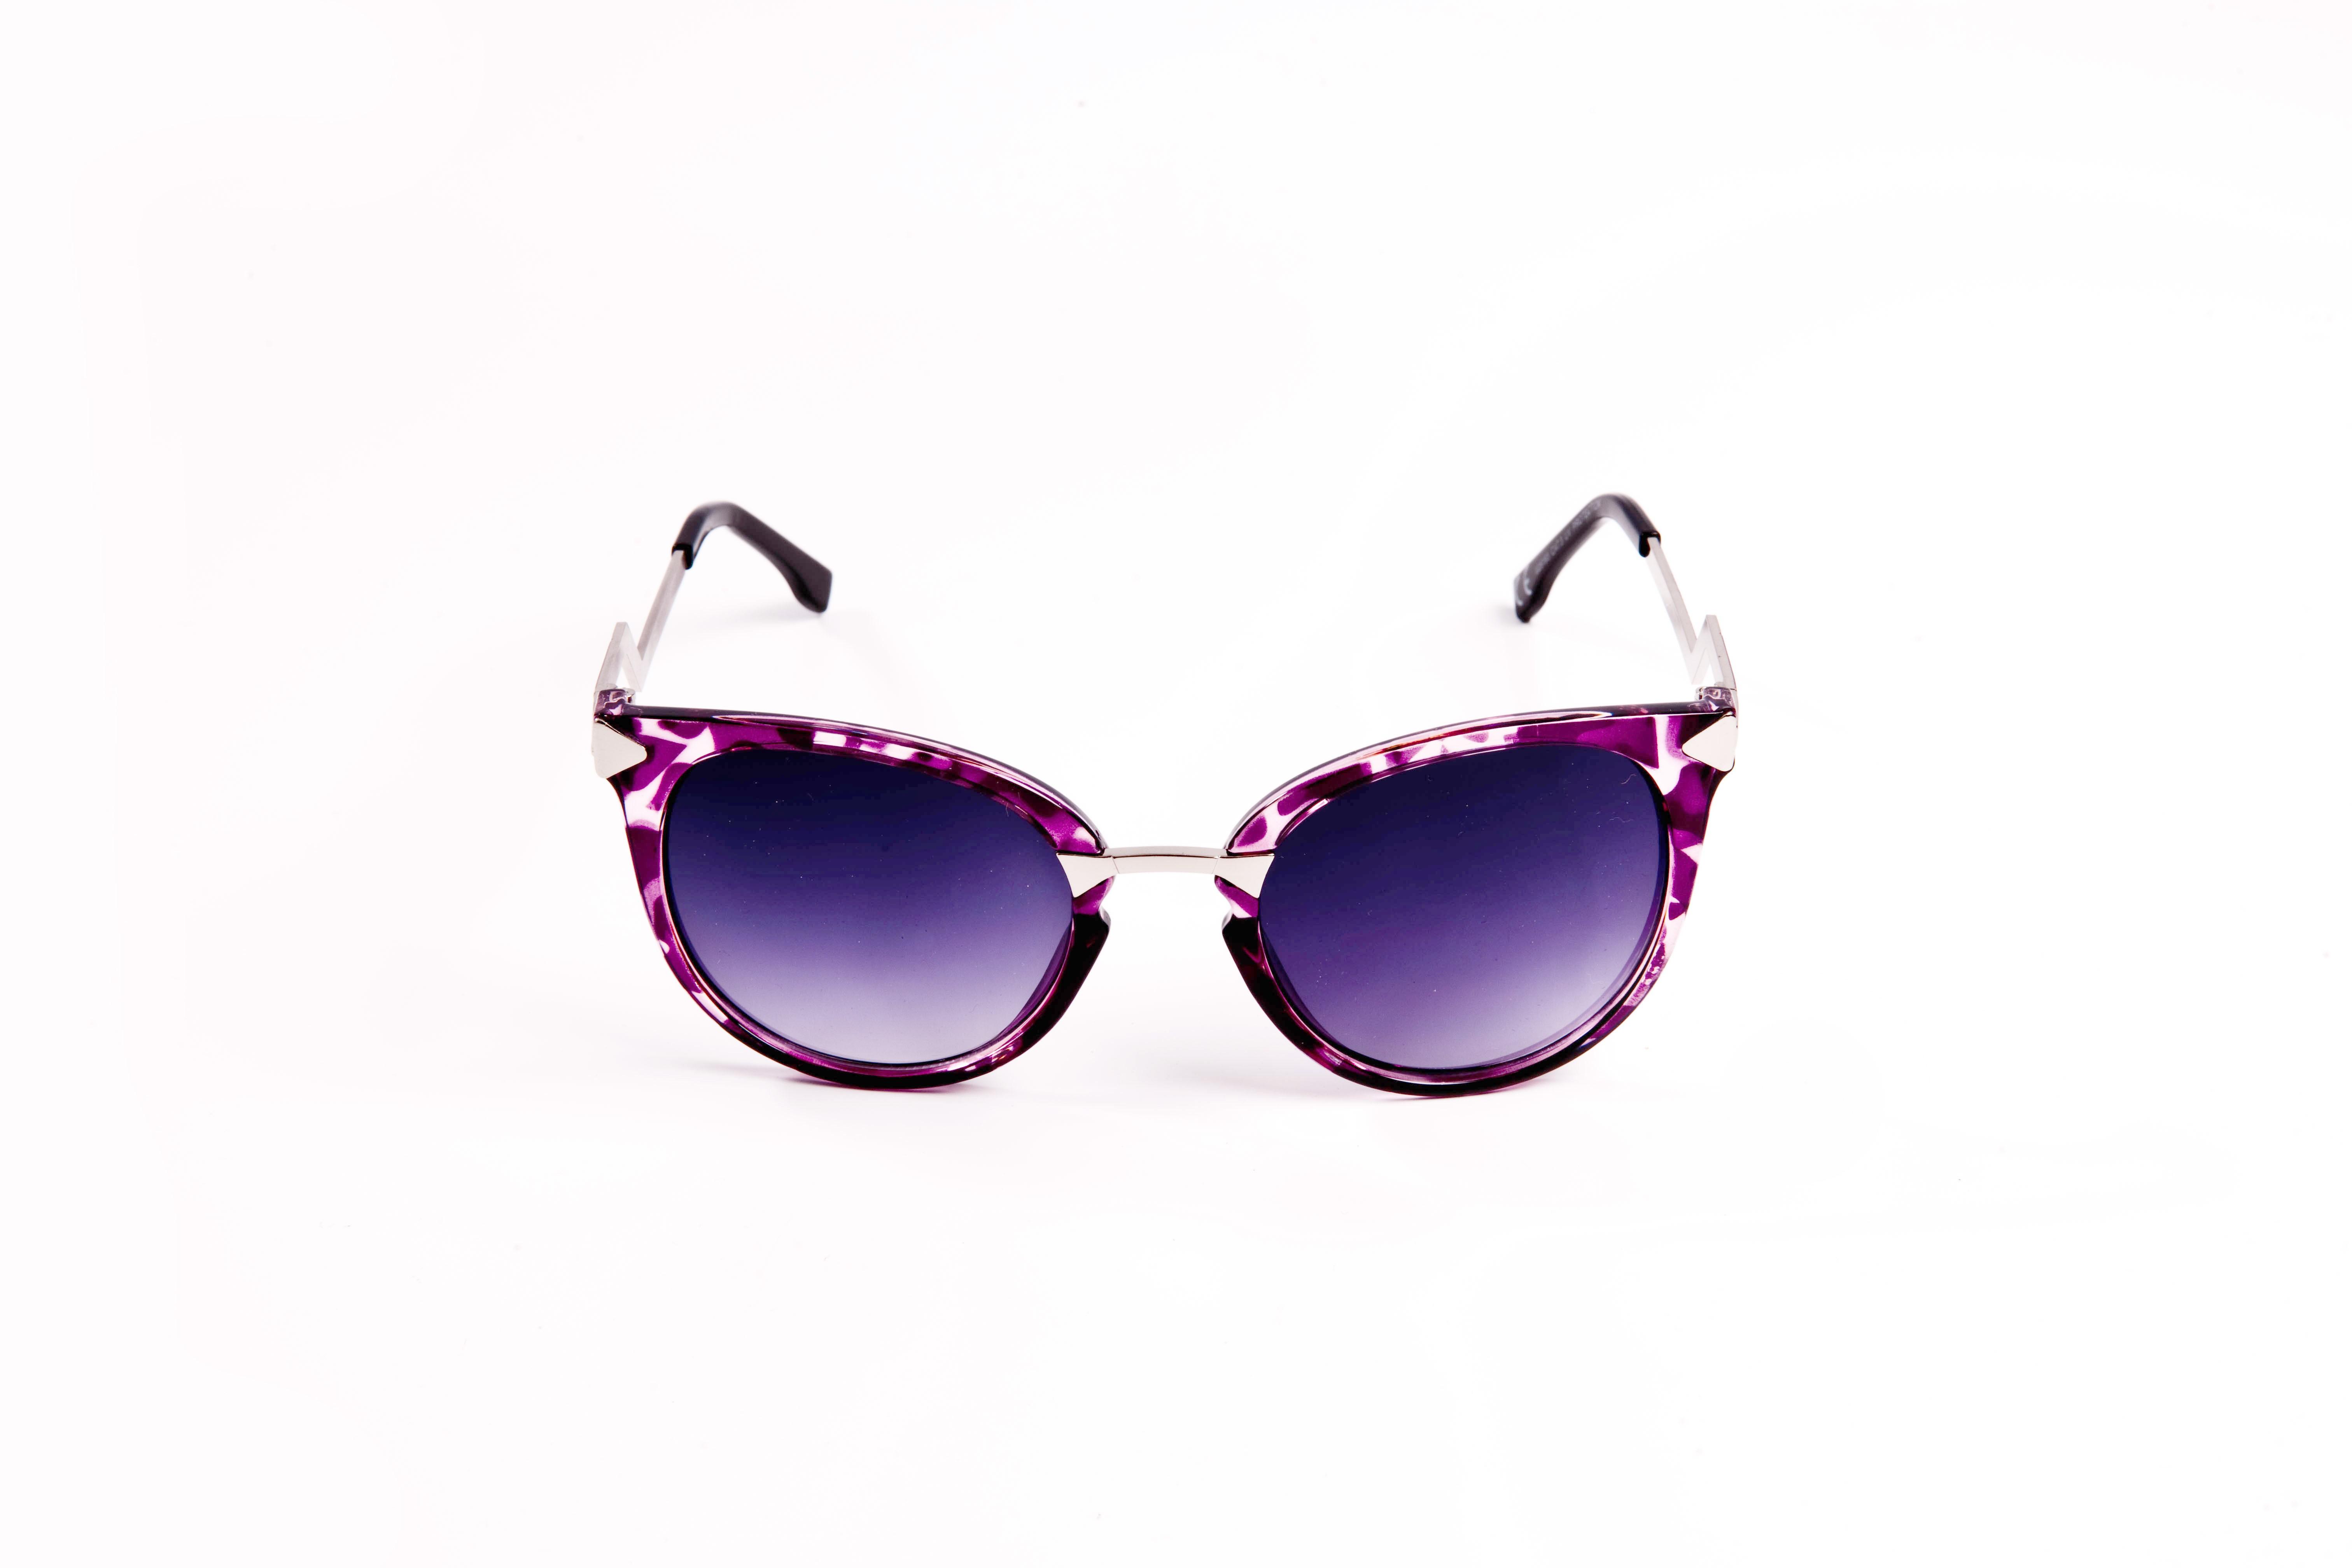 839bc6b1ca43c0 Lunette de Soleil - Homme - Femme - Accessoire - Oversize - Tilt Vintage